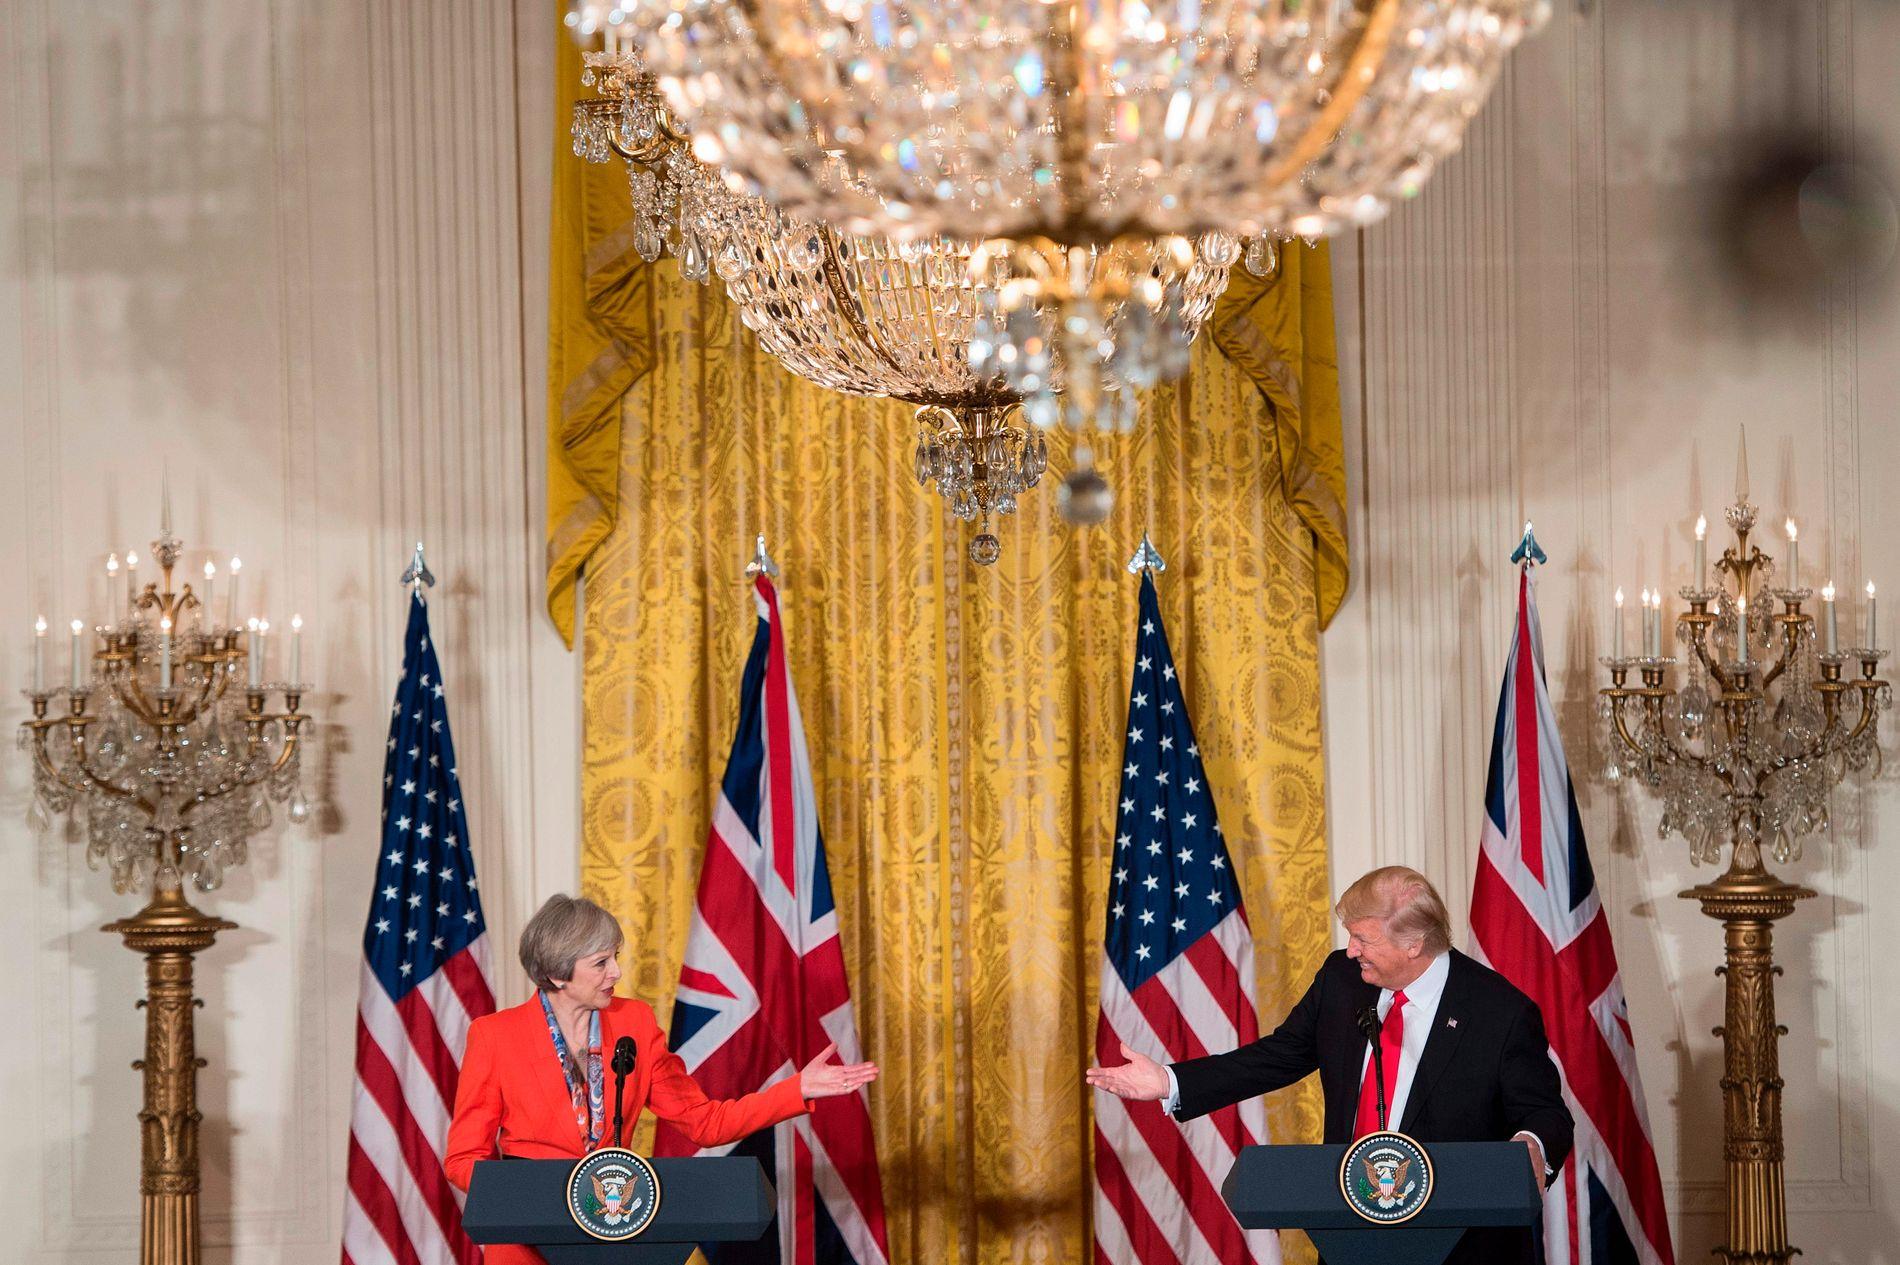 Første møte: Theresa May møtte tidlig Donald Trump. Men forholdet mellom USA og Storbritannia er ikke som det var.